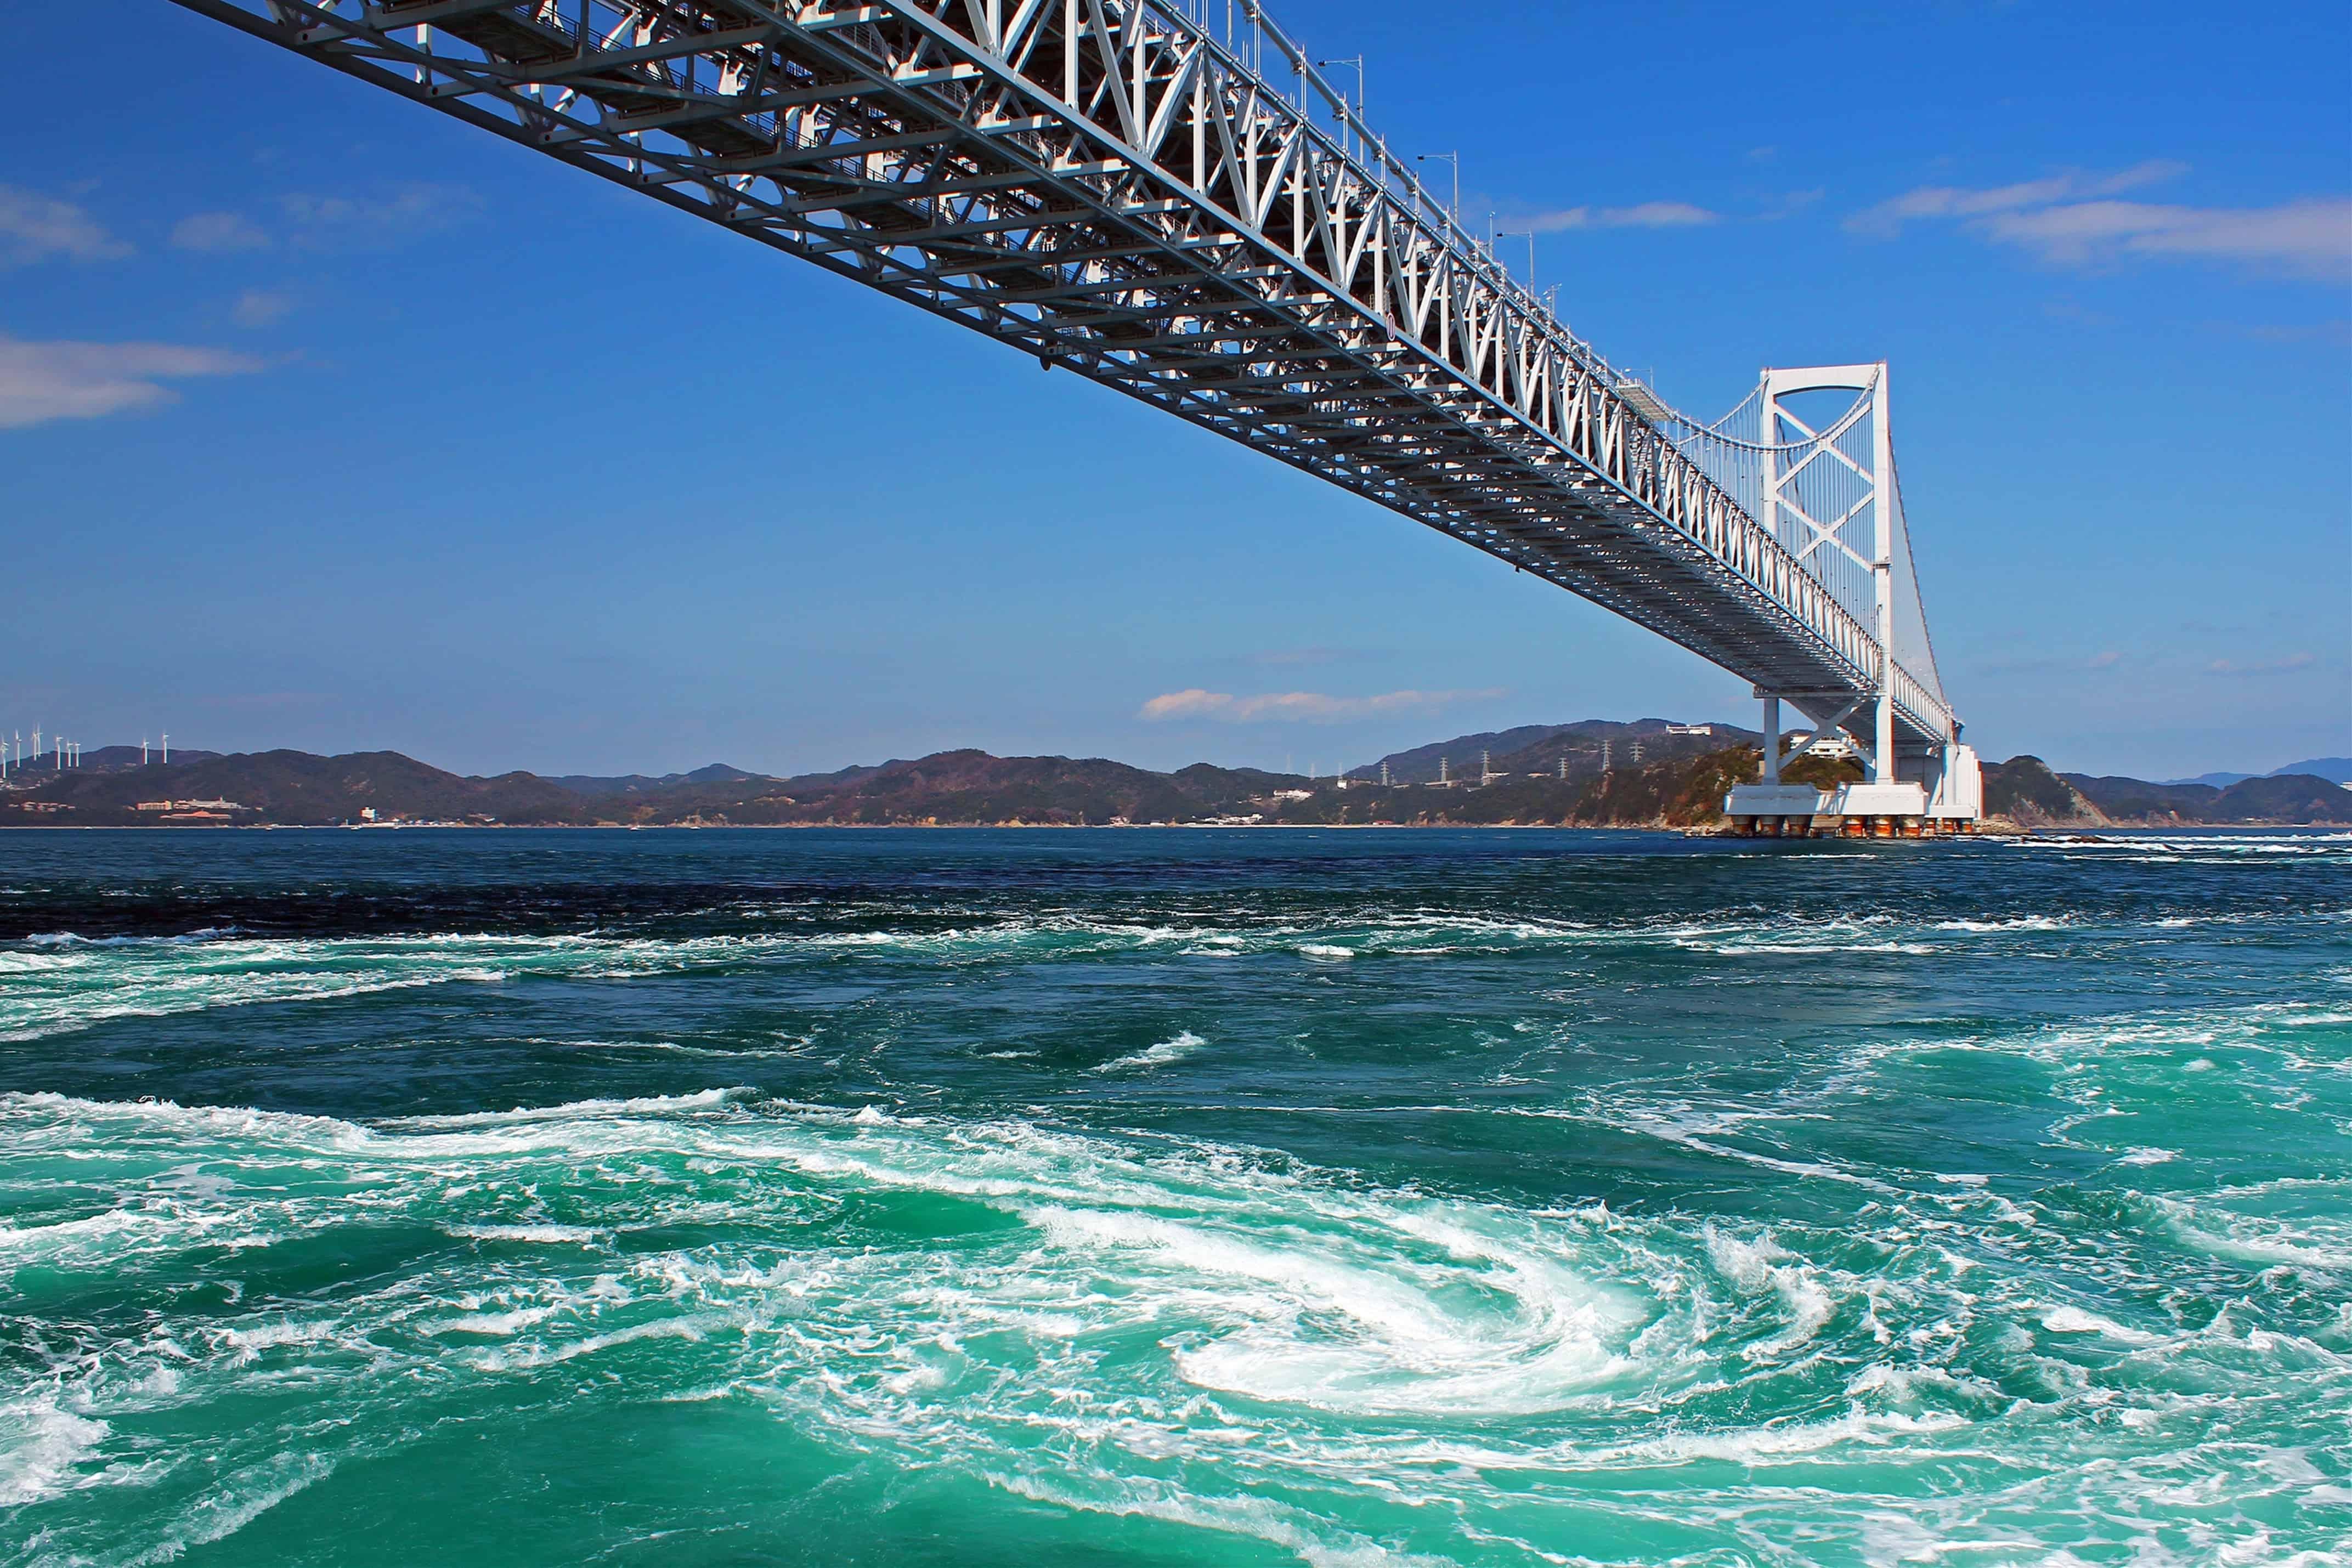 เที่ยวญี่ปุ่น คนน้อย น้ำวนนารูโตะ (Naruto Whirlpools : 鳴門の渦潮)